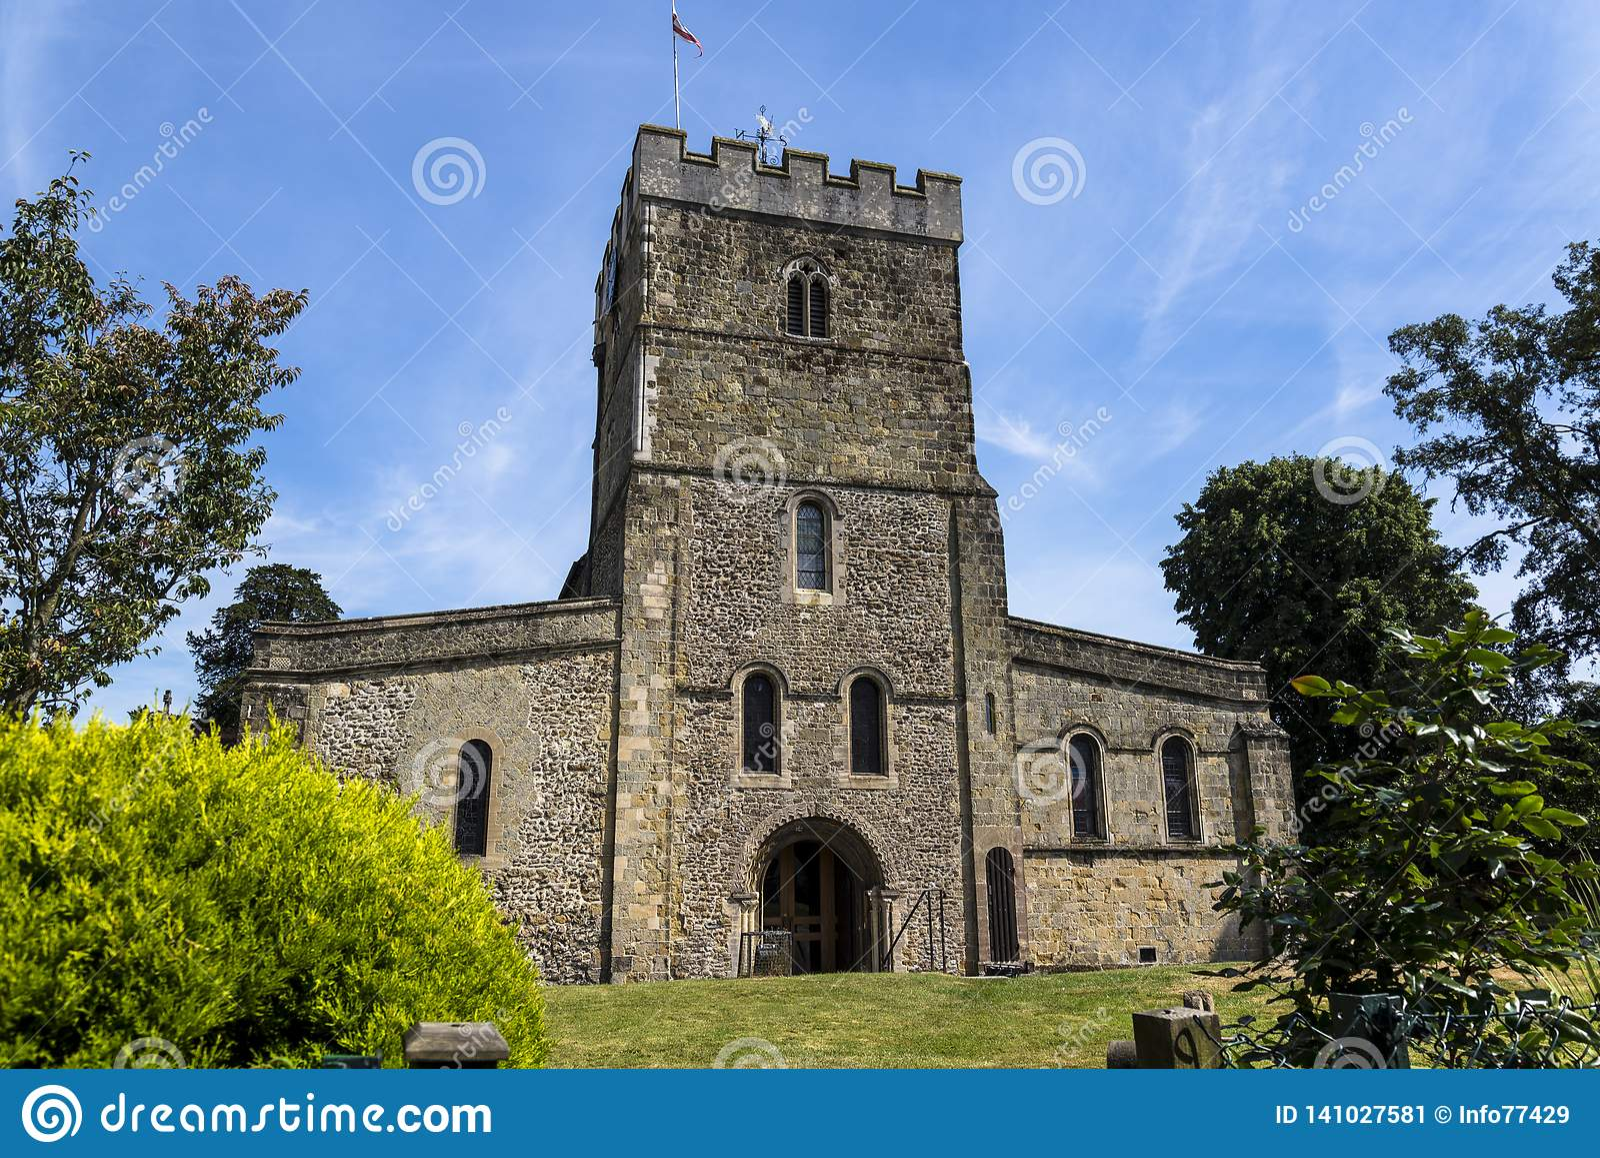 Церковь Питер, Petersfield, Хемпшир, Англия, Великобритания